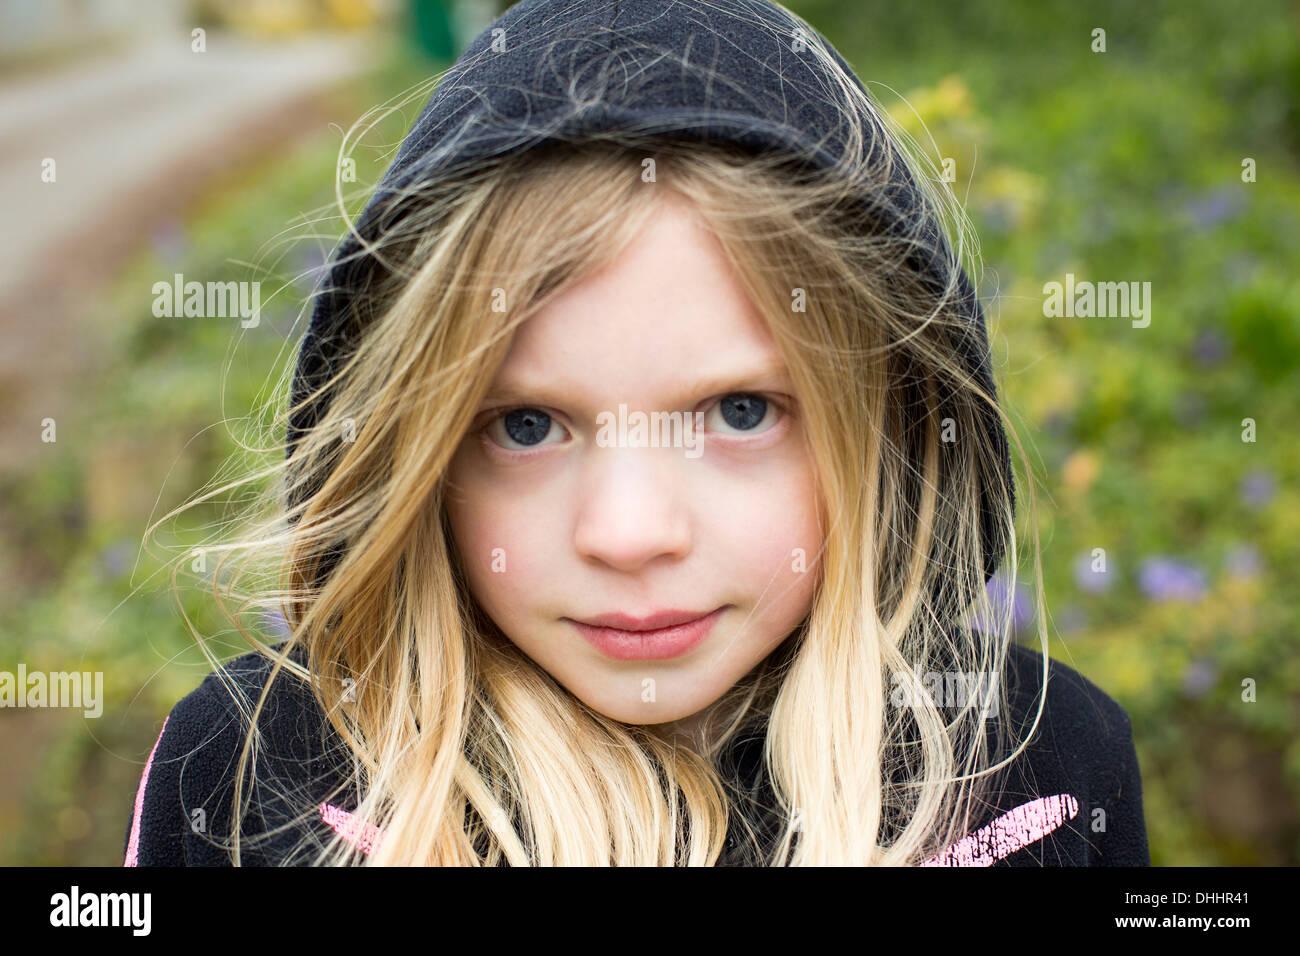 Portrait of Girl wearing hood Photo Stock